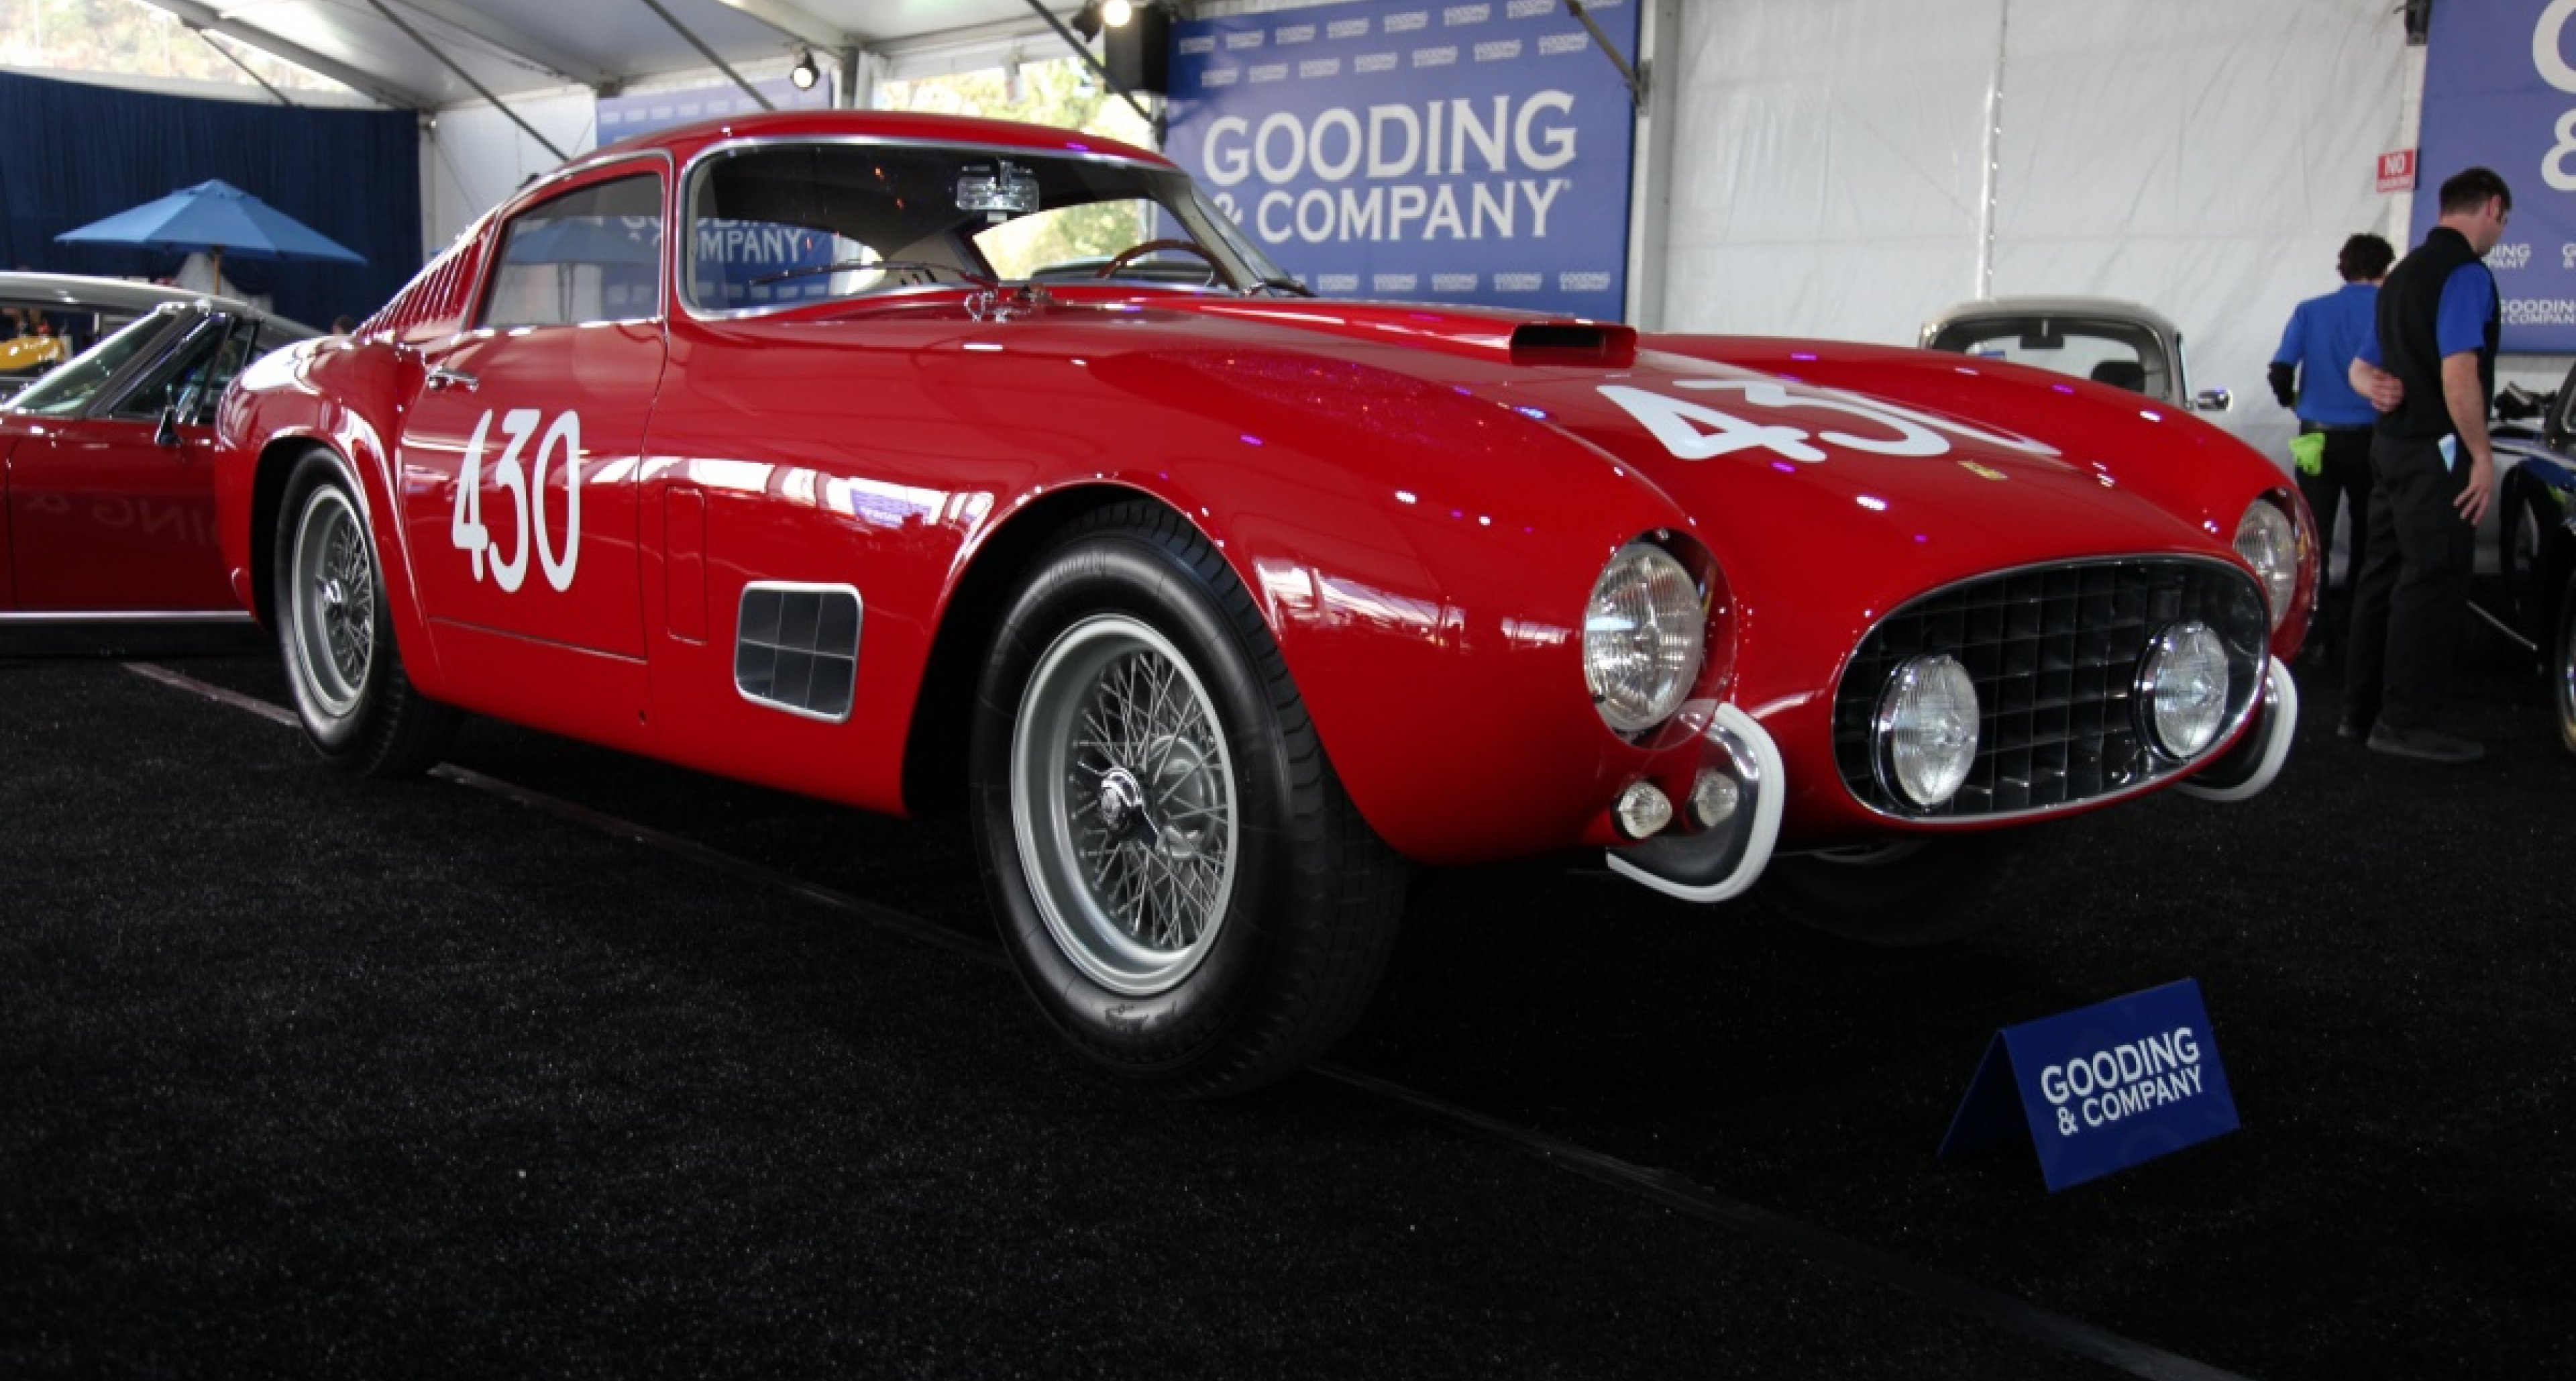 1957 Ferrari 250 GT Tour de France USD 9,460,000